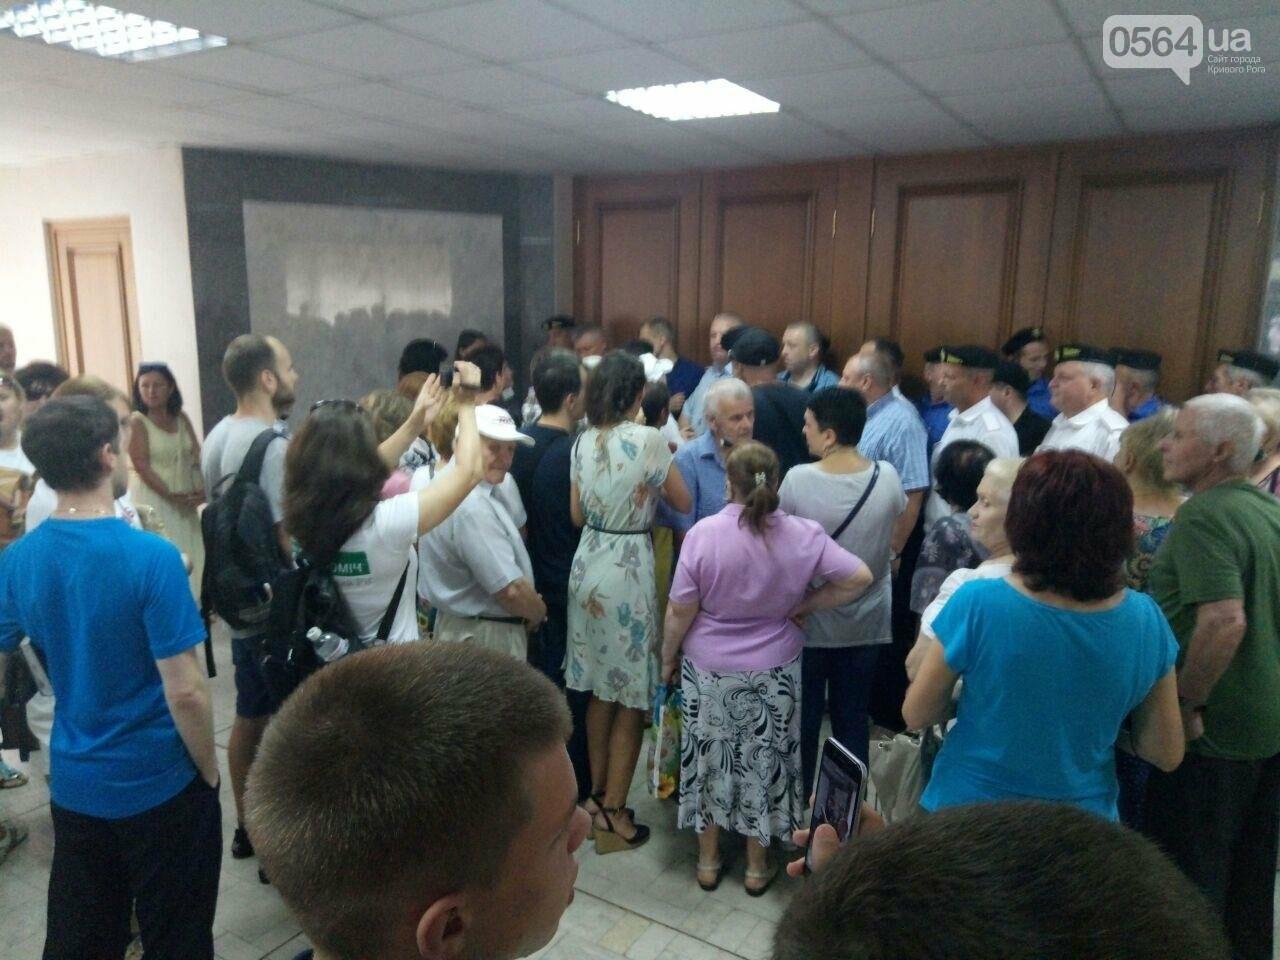 В Кривом Роге на сессию не пустили депутатов местных советов, - ФОТО, фото-1